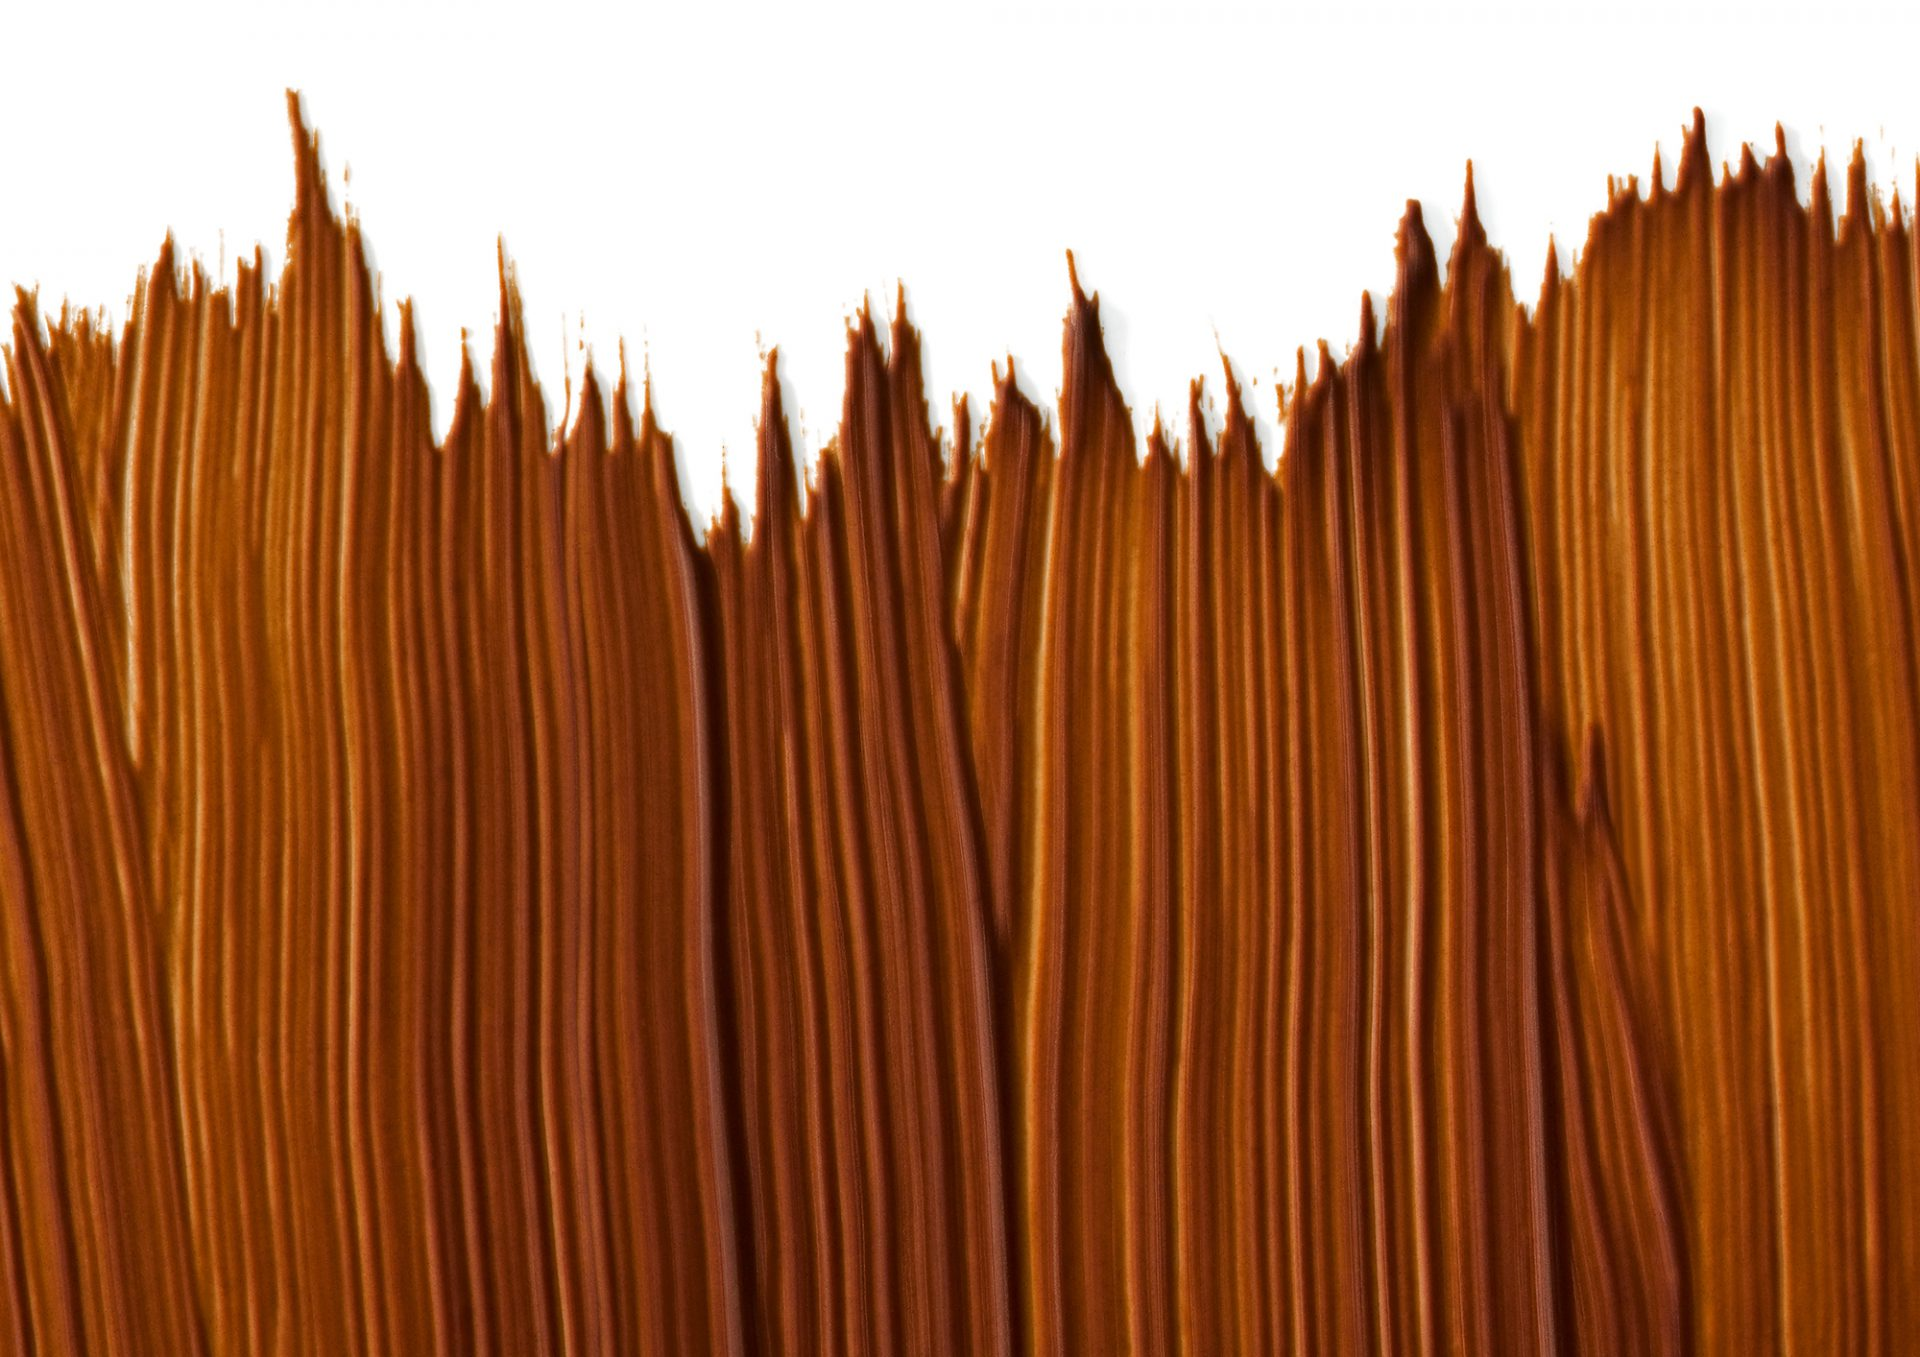 Makroaufnahmen von Schokoladen, aufwändige Fotokompositionen im Stil alter Meister kombiniert mit frischen klaren Farben vermitteln das entspannte Verhältnis des Unternehmens zur eigenen Tradition. Detailreiche Stories stellen die Produkte, deren Entstehungsgeschichten und die Menschen dahinter vor.